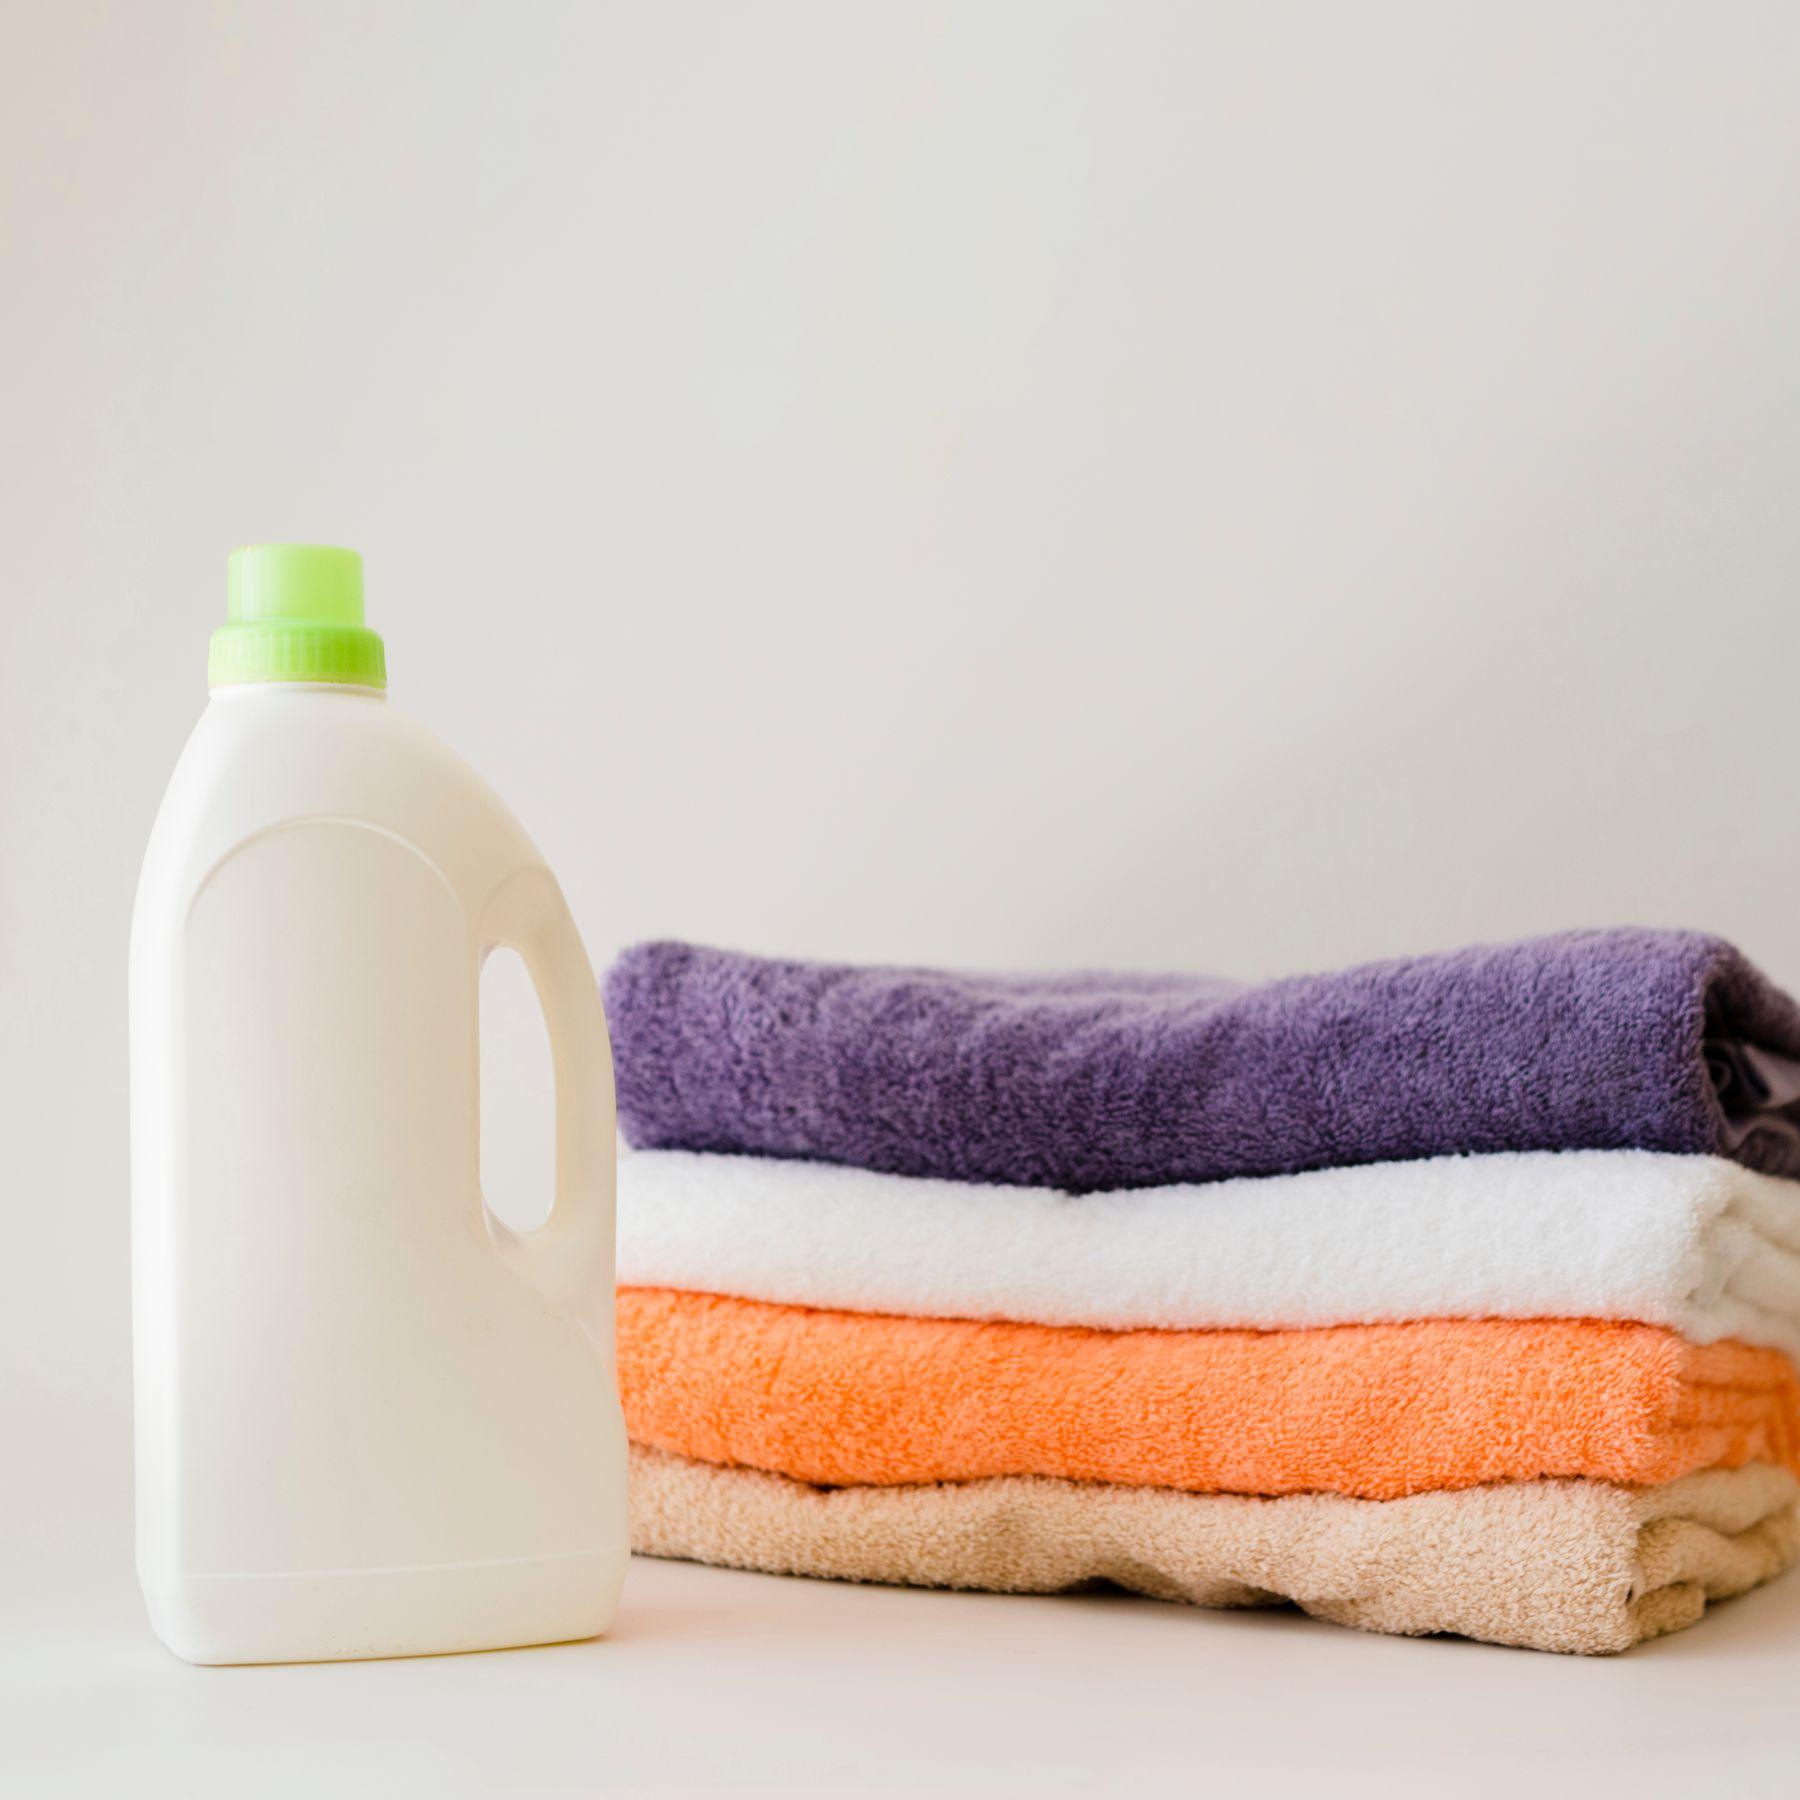 Lựa chọn nước giặt nào thơm lâu dành cho cả gia đình?